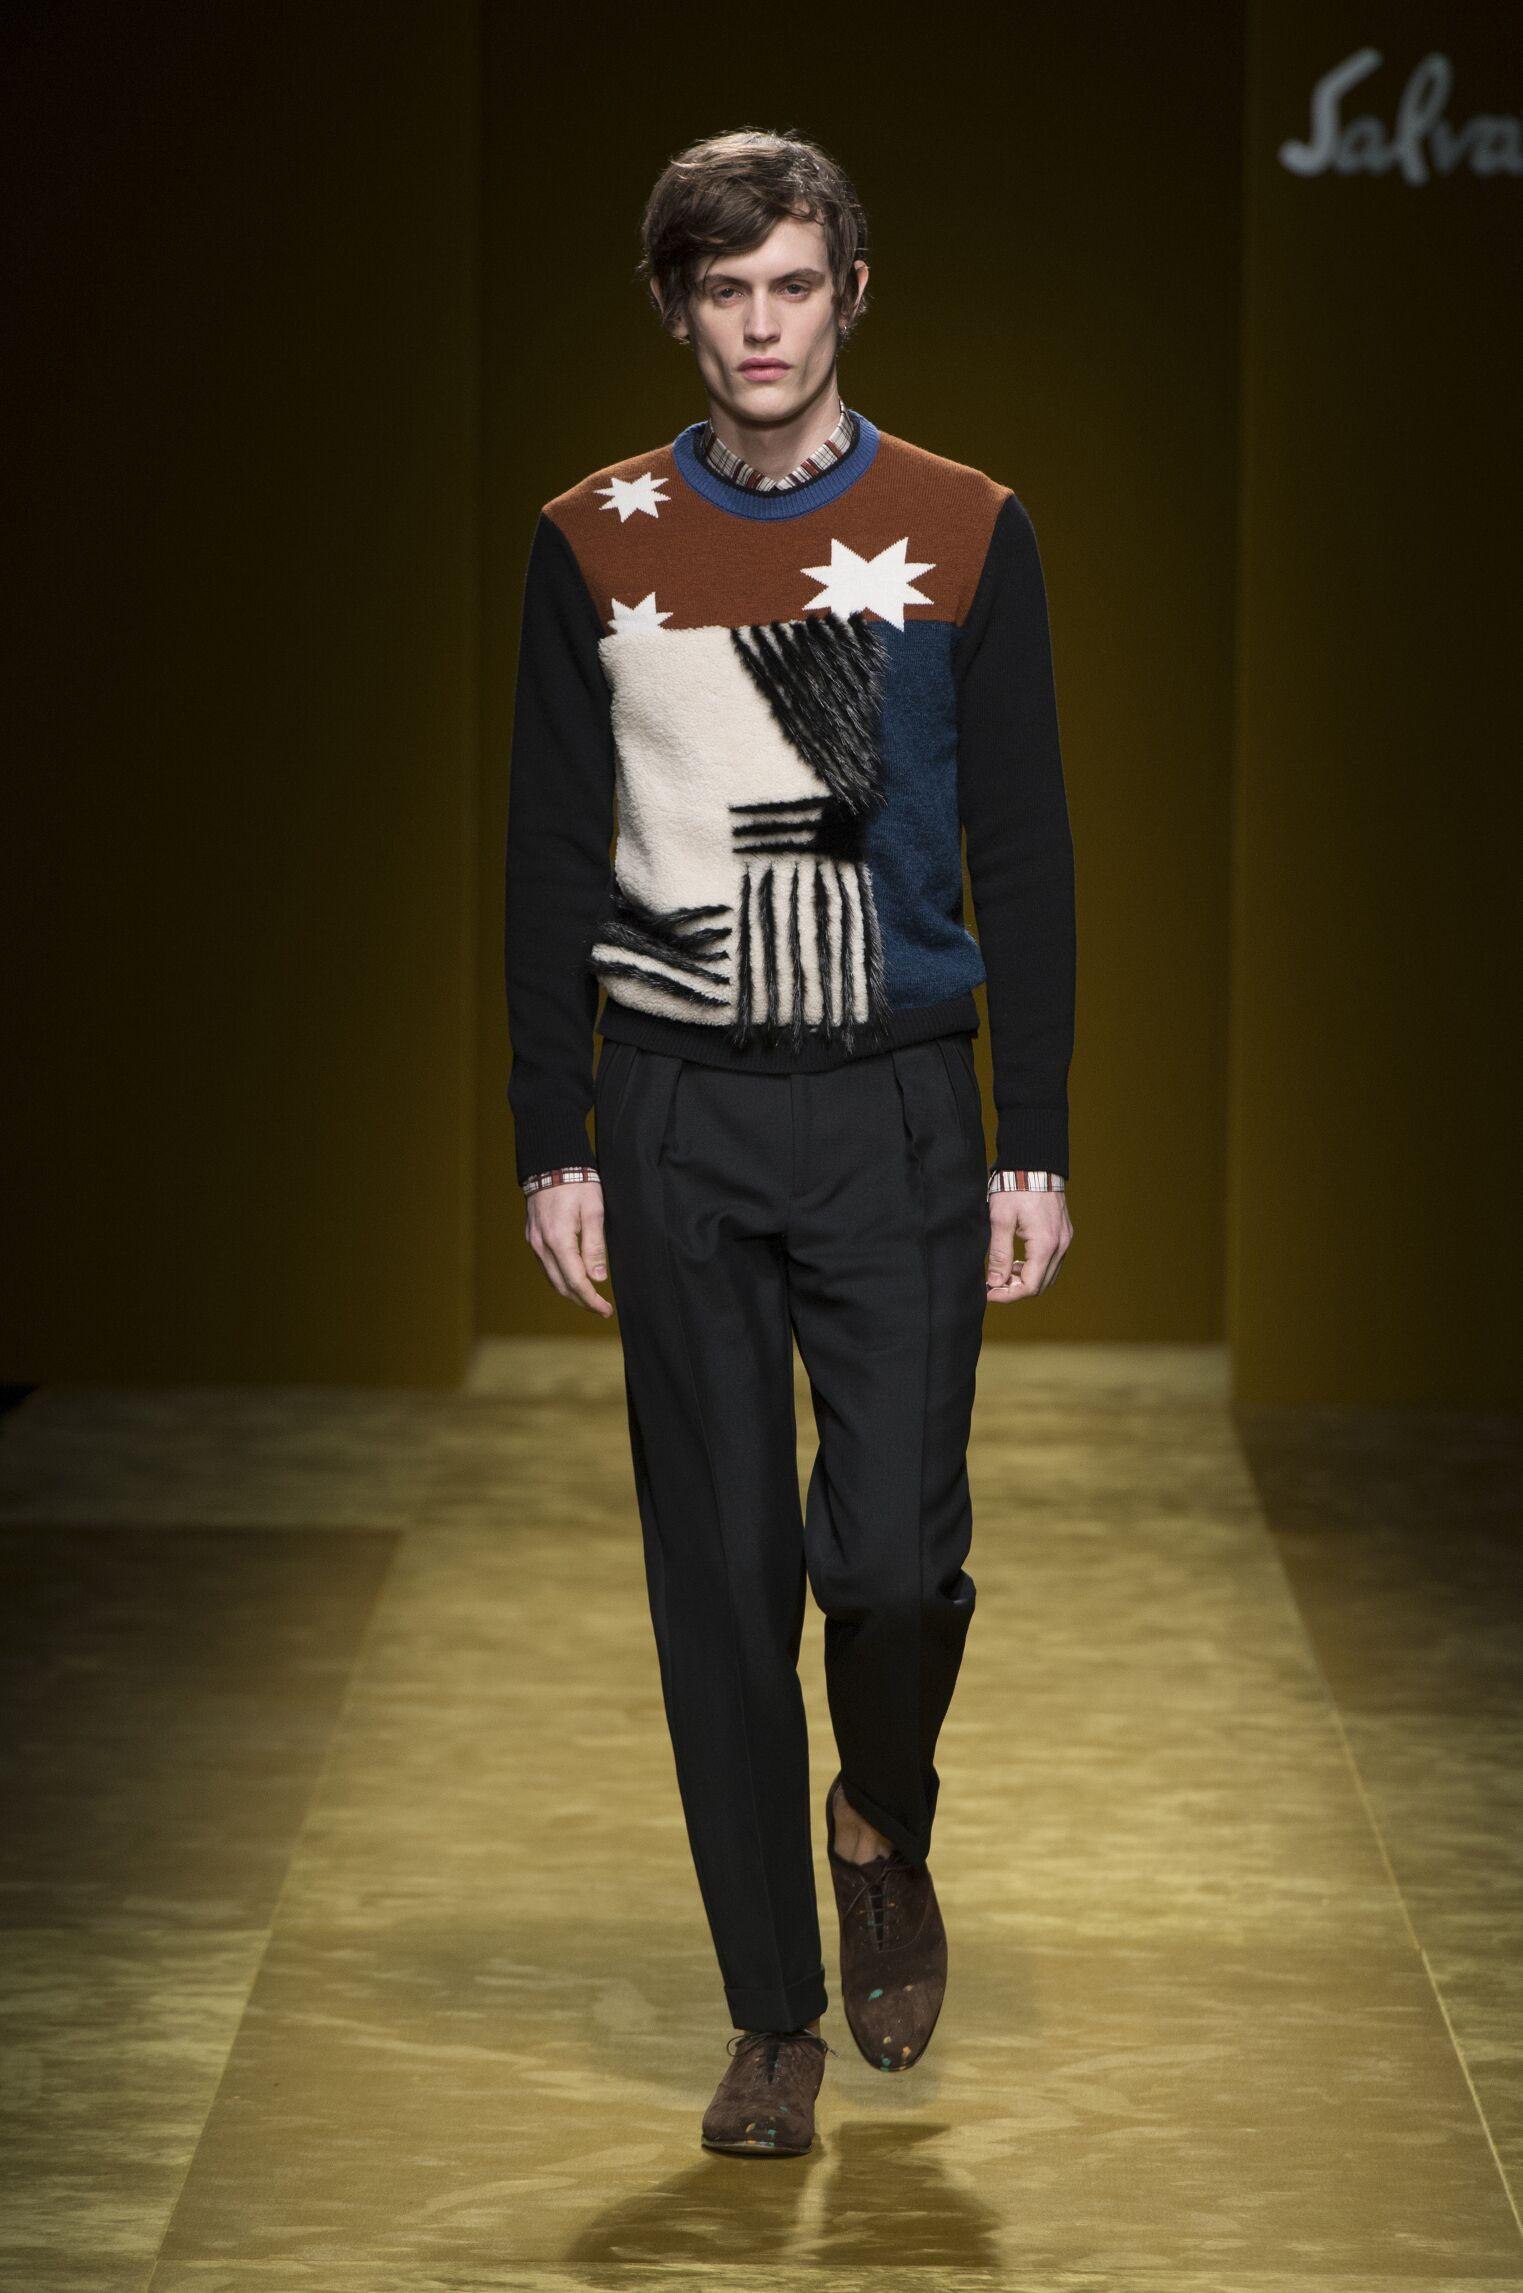 Winter 2016 Fashion Trends Salvatore Ferragamo